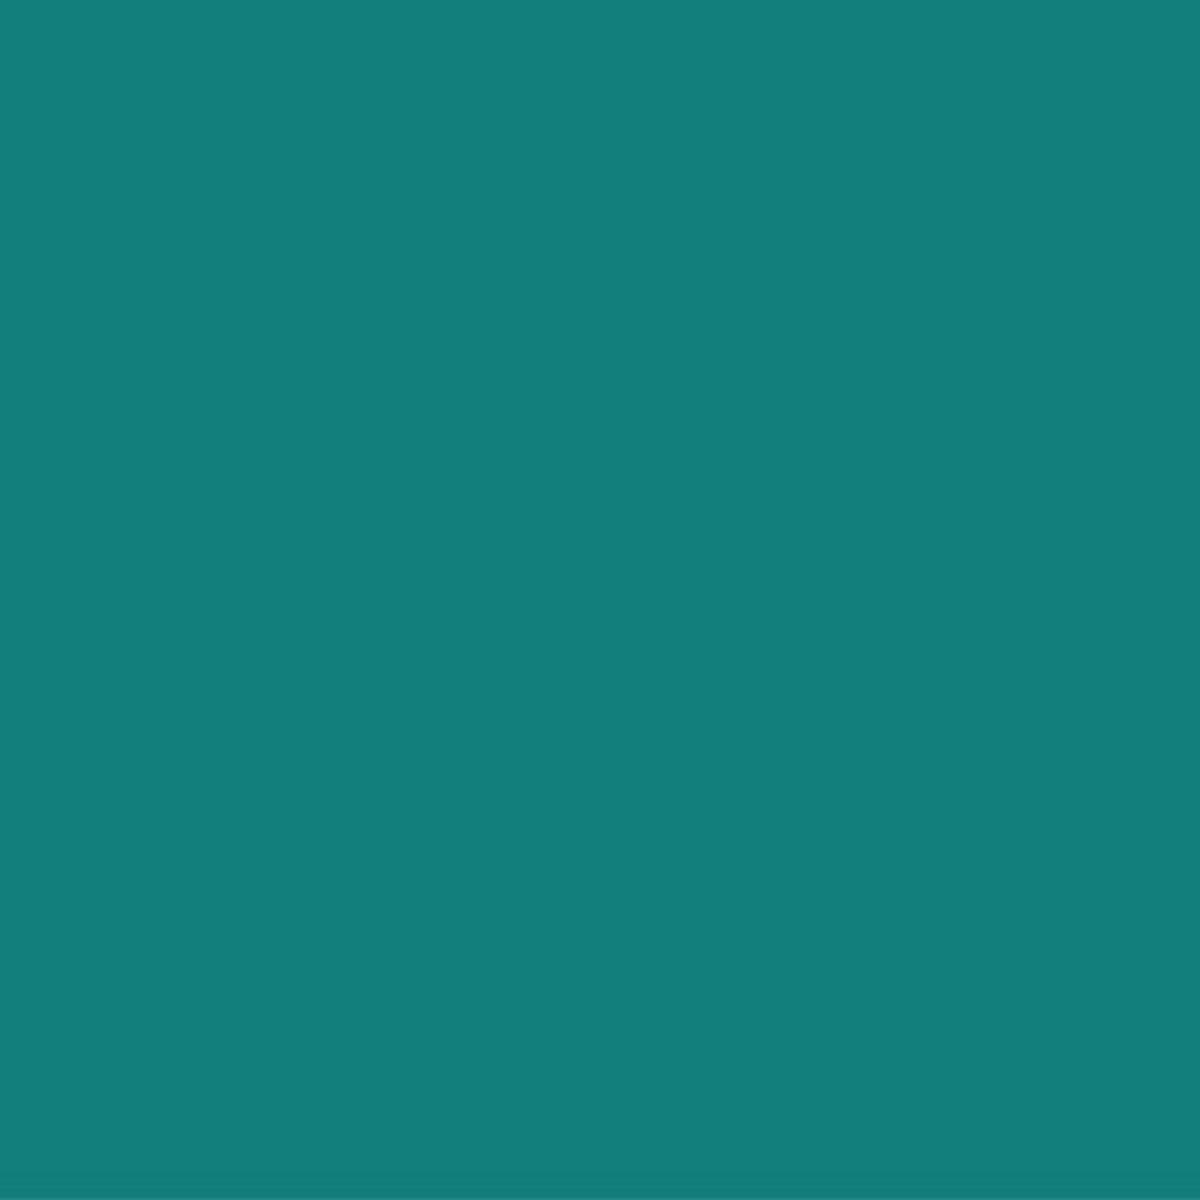 blaugrün